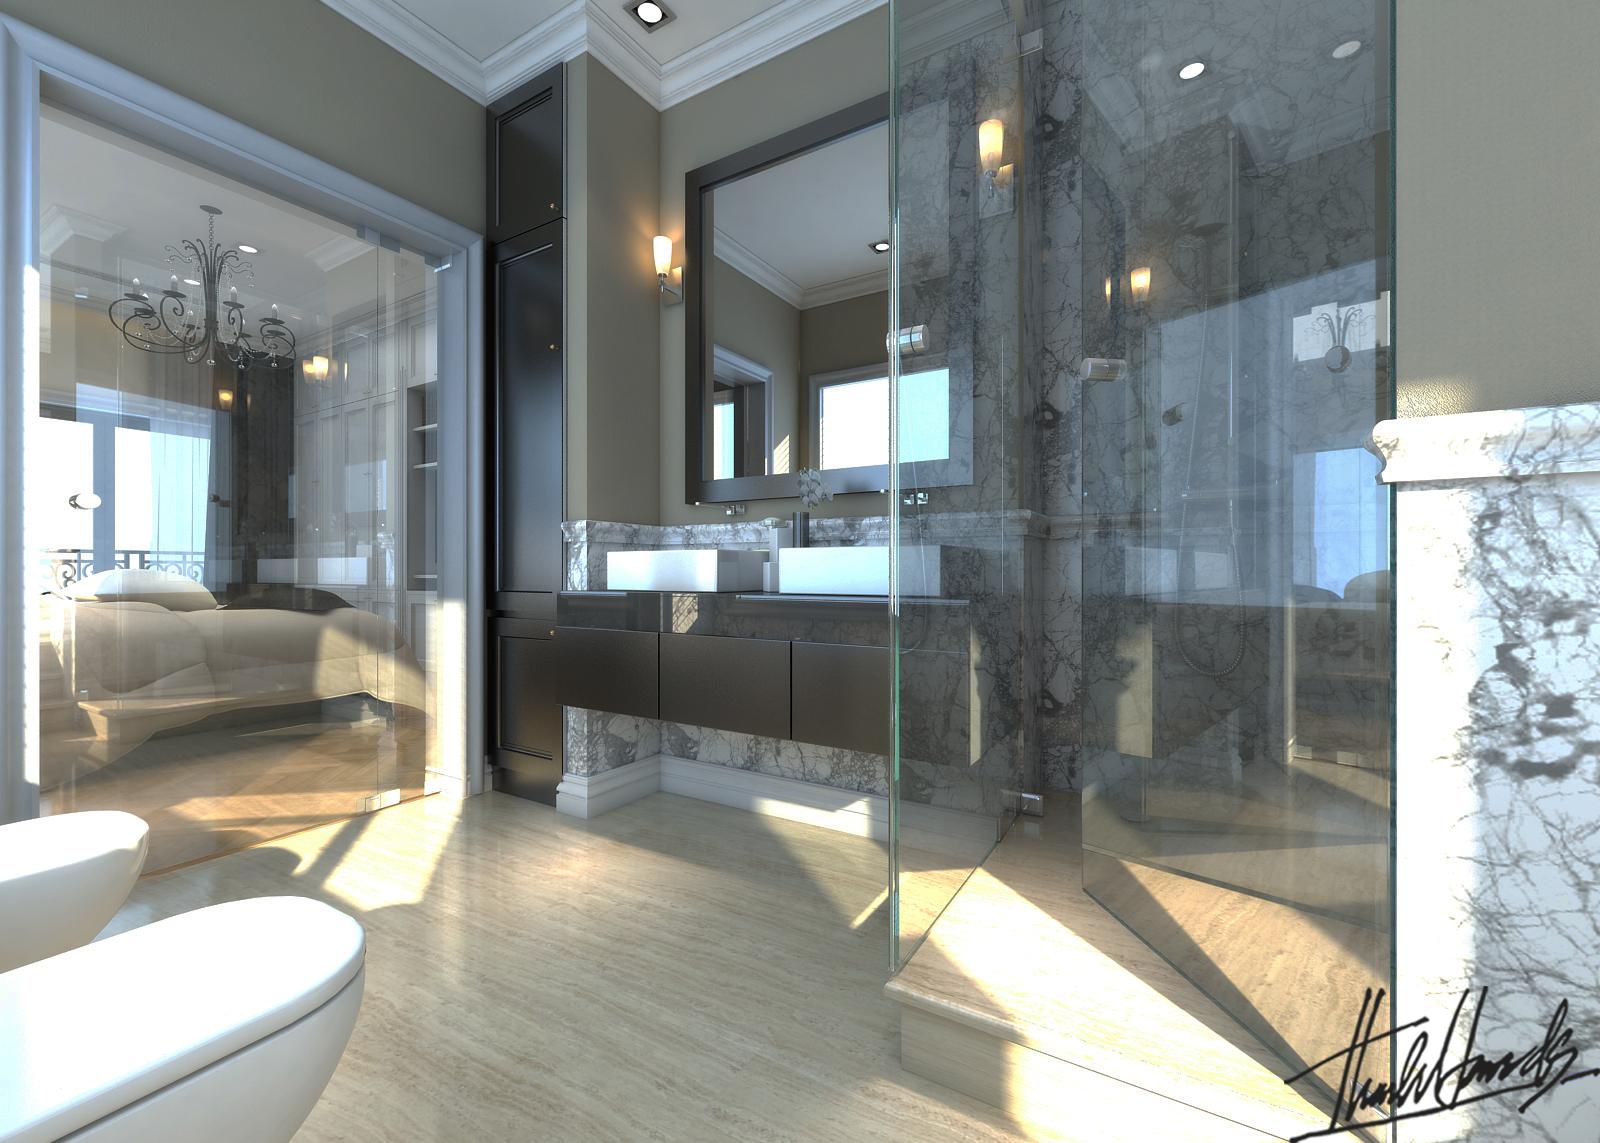 thiết kế nội thất Biệt Thự tại Hà Nội bt Vinhomes - riverside 50 1568274547